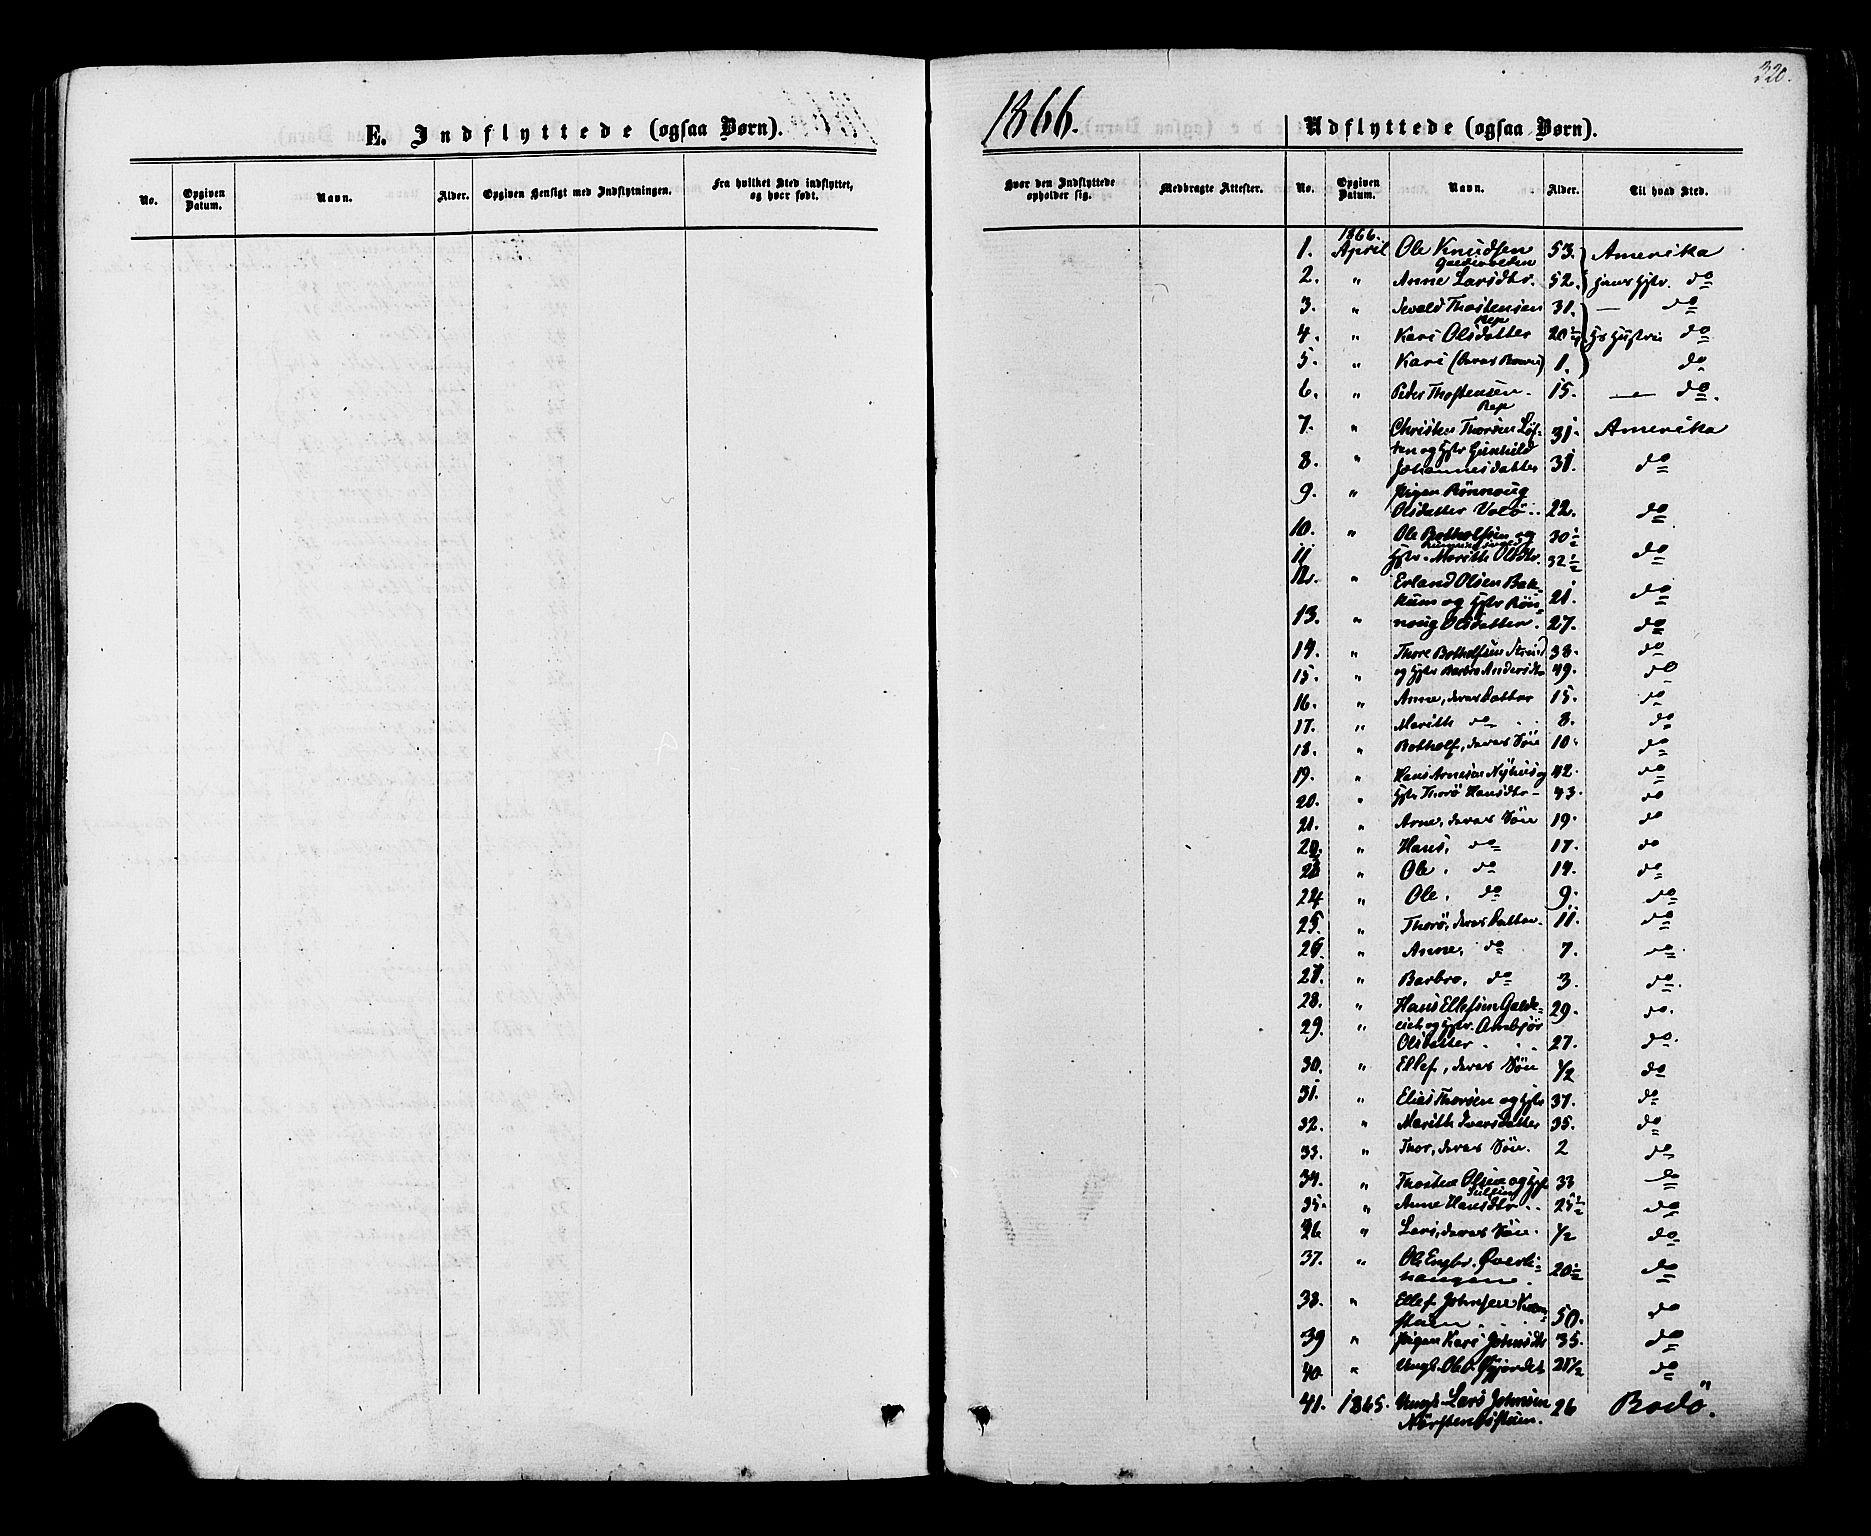 SAH, Lom prestekontor, K/L0007: Ministerialbok nr. 7, 1863-1884, s. 320